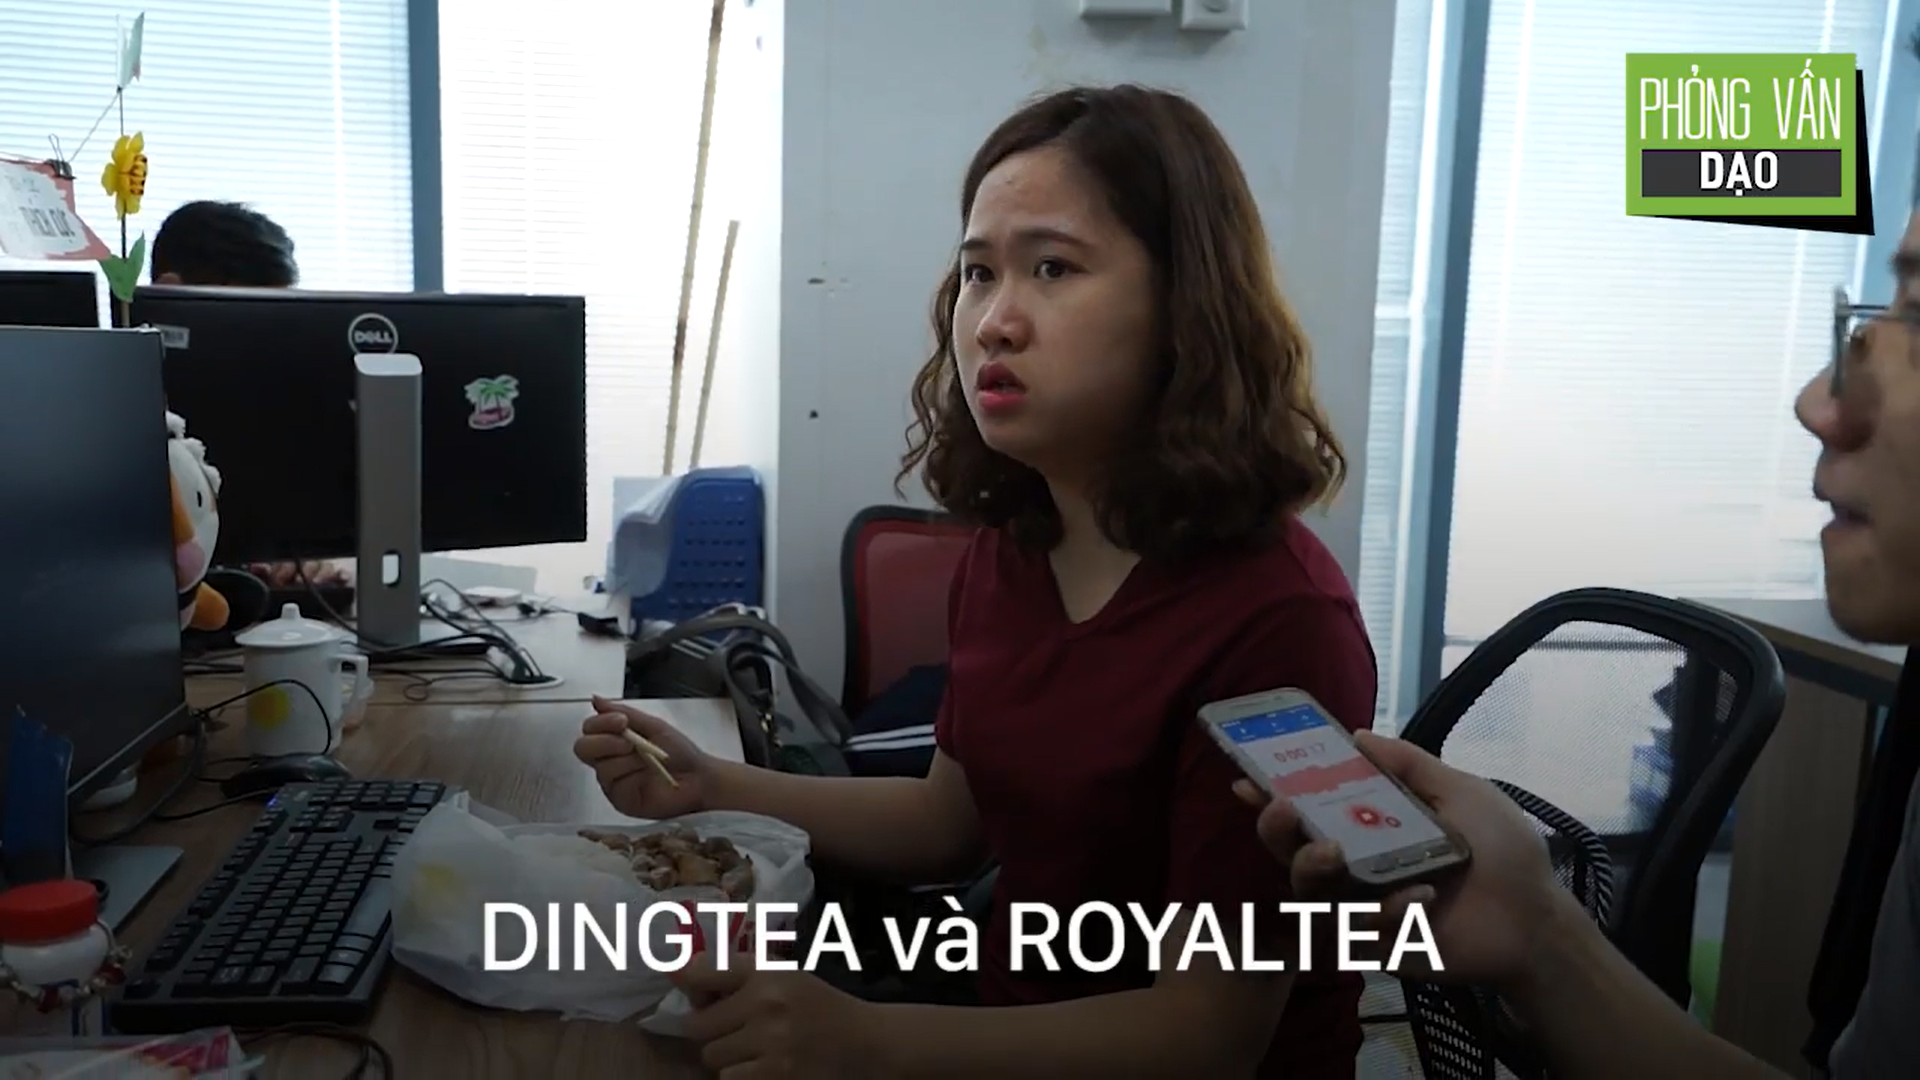 Phỏng vấn dạo: Đối với bạn, trà sữa có ý nghĩa như thế nào? - Ảnh 11.